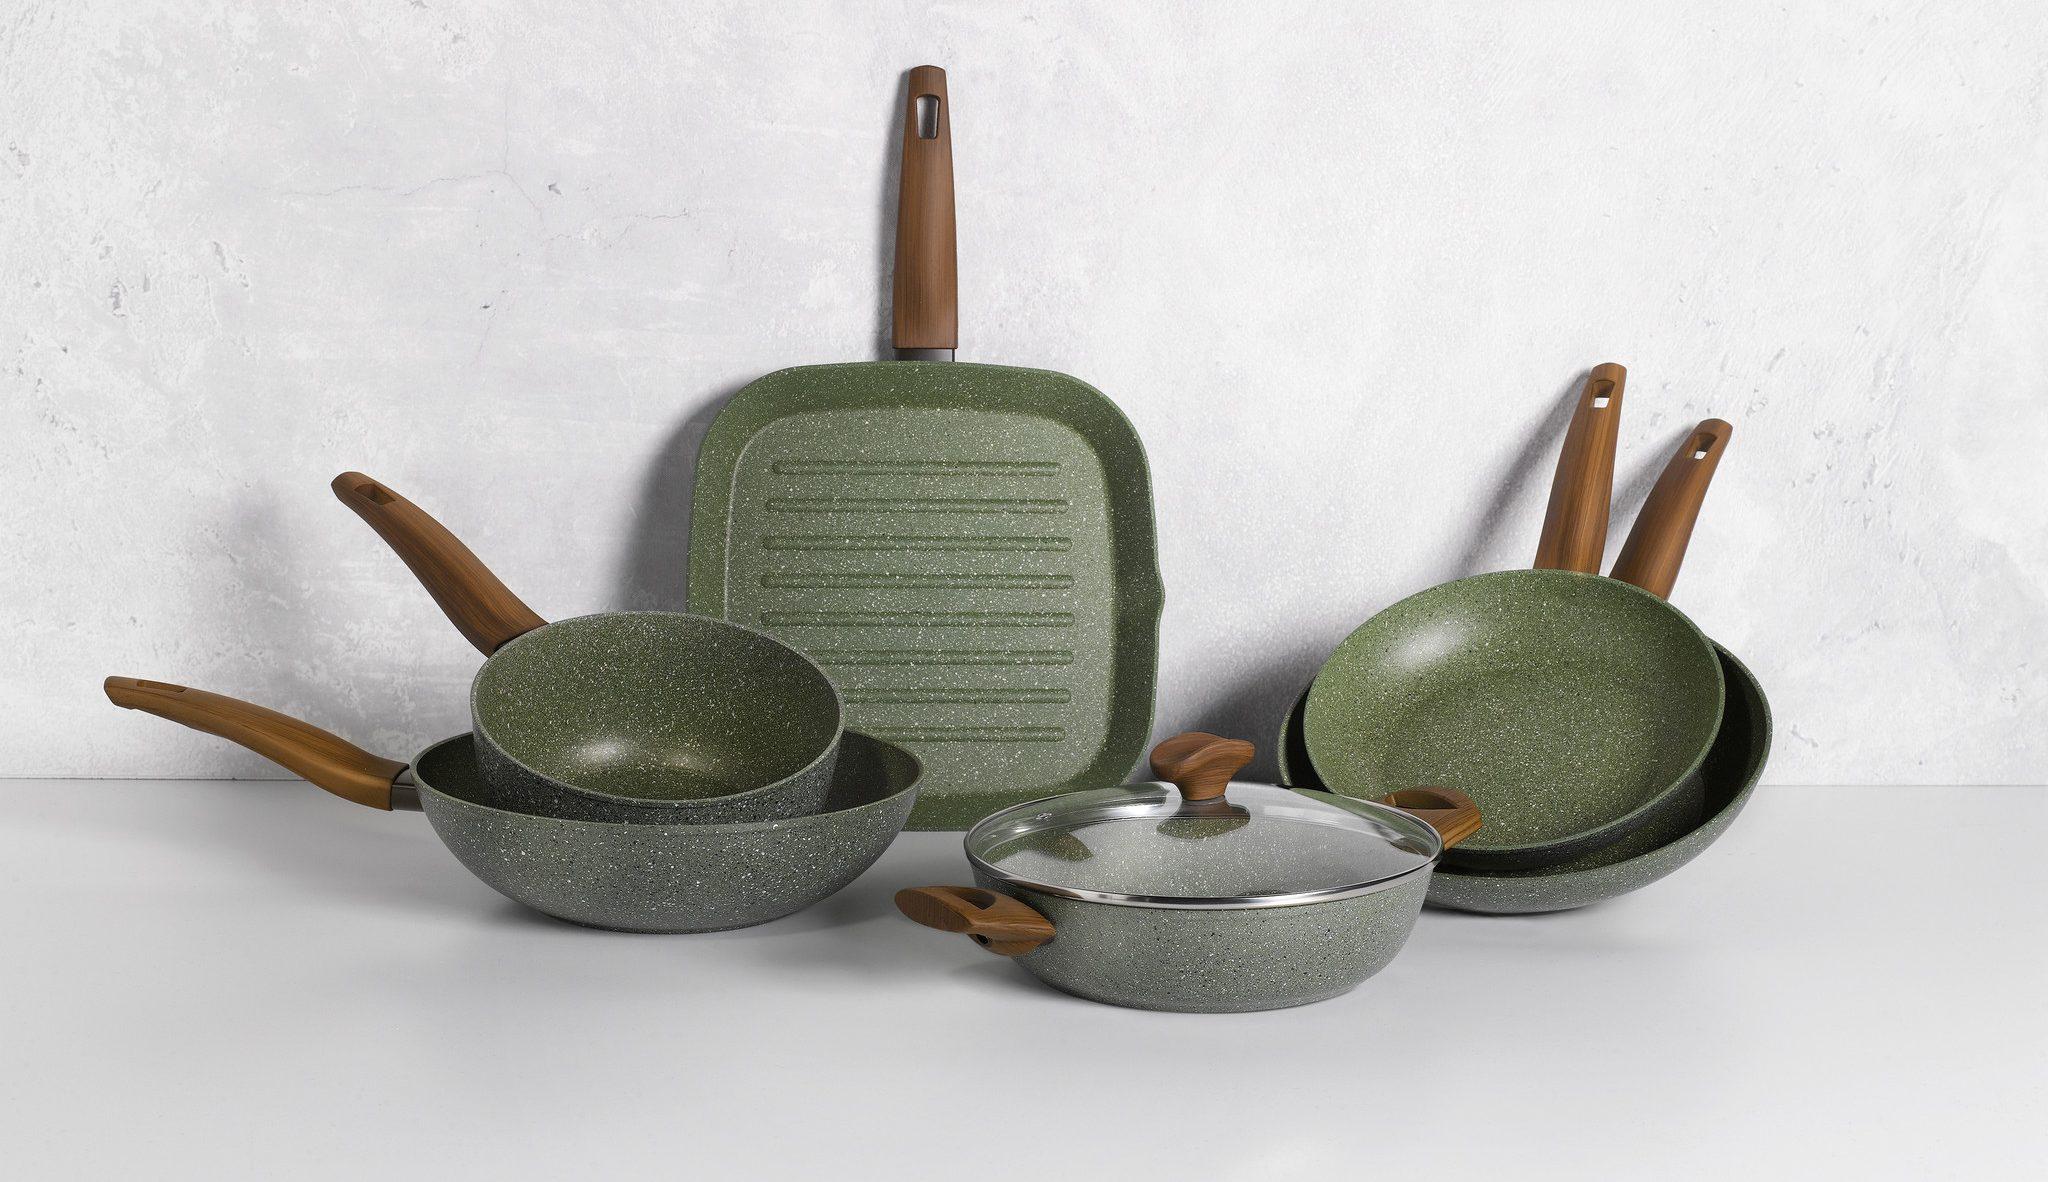 Duurzaam koken met TVS Cookware